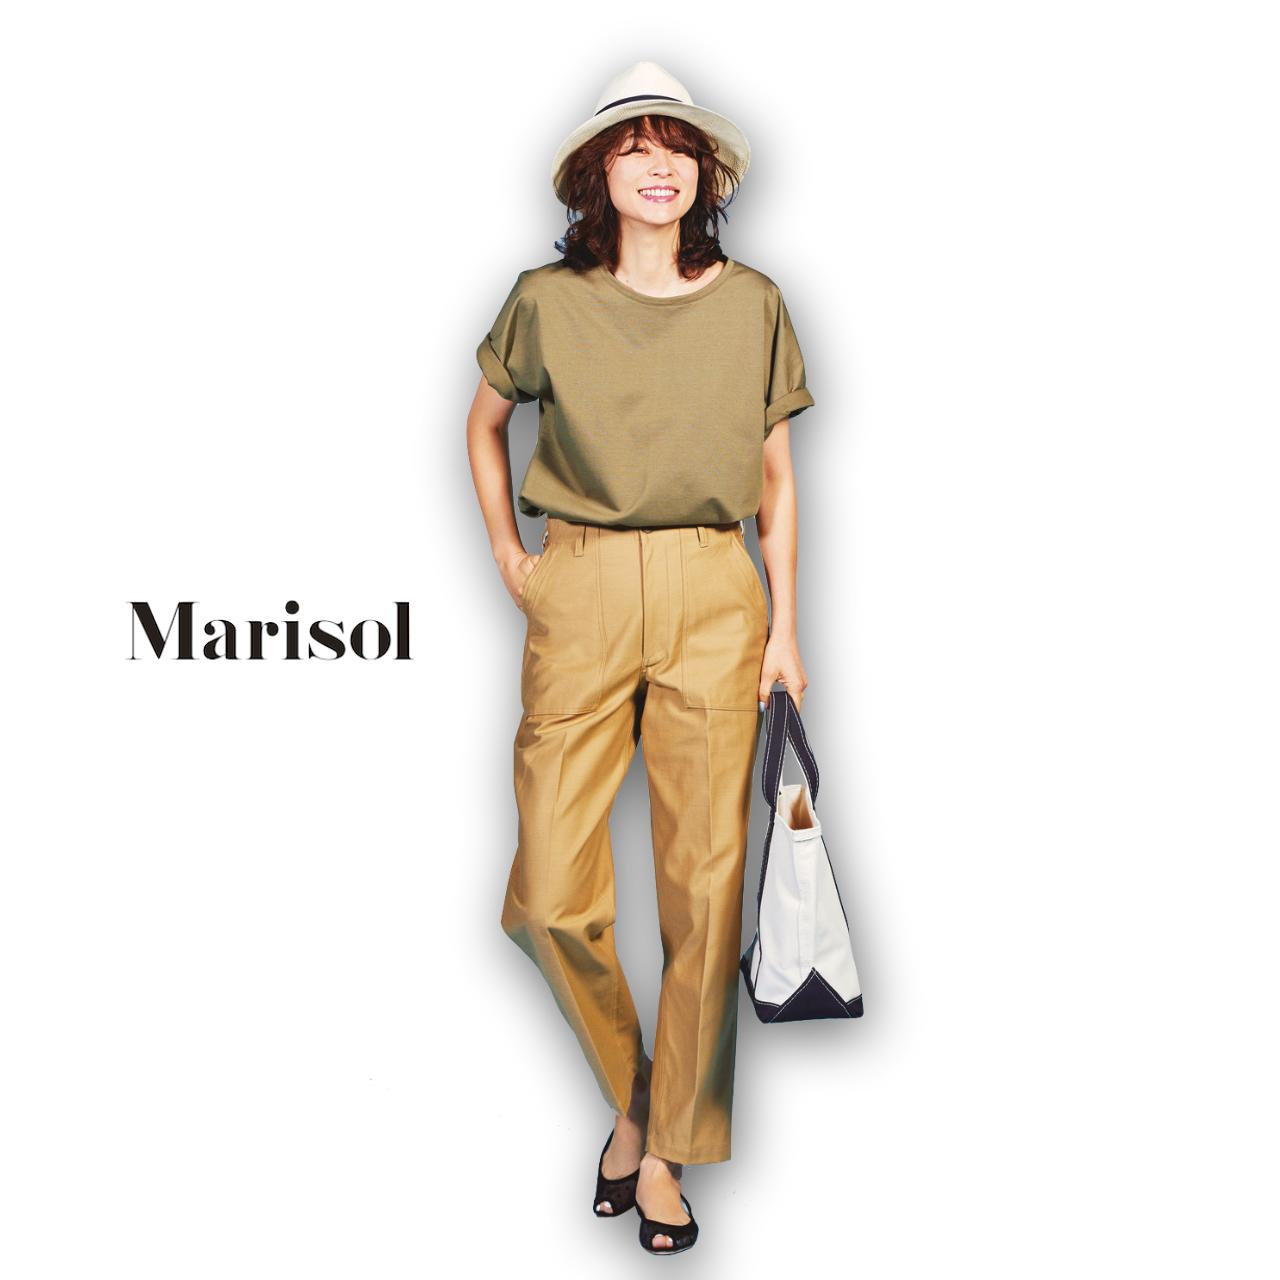 40代ファッション カーキTシャツ×チノパンツコーデ